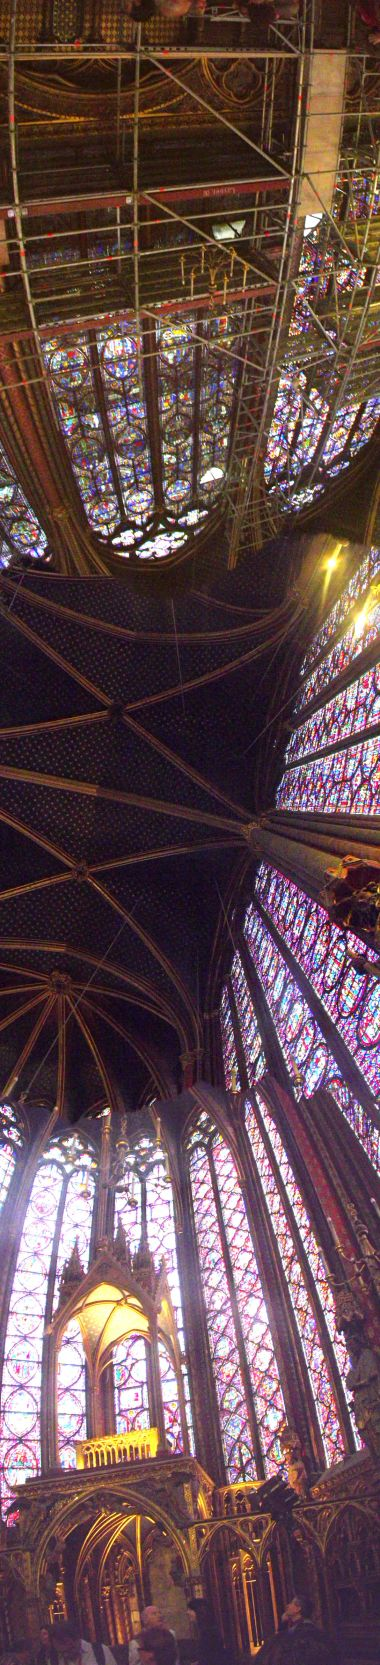 Saint Chapelle detail